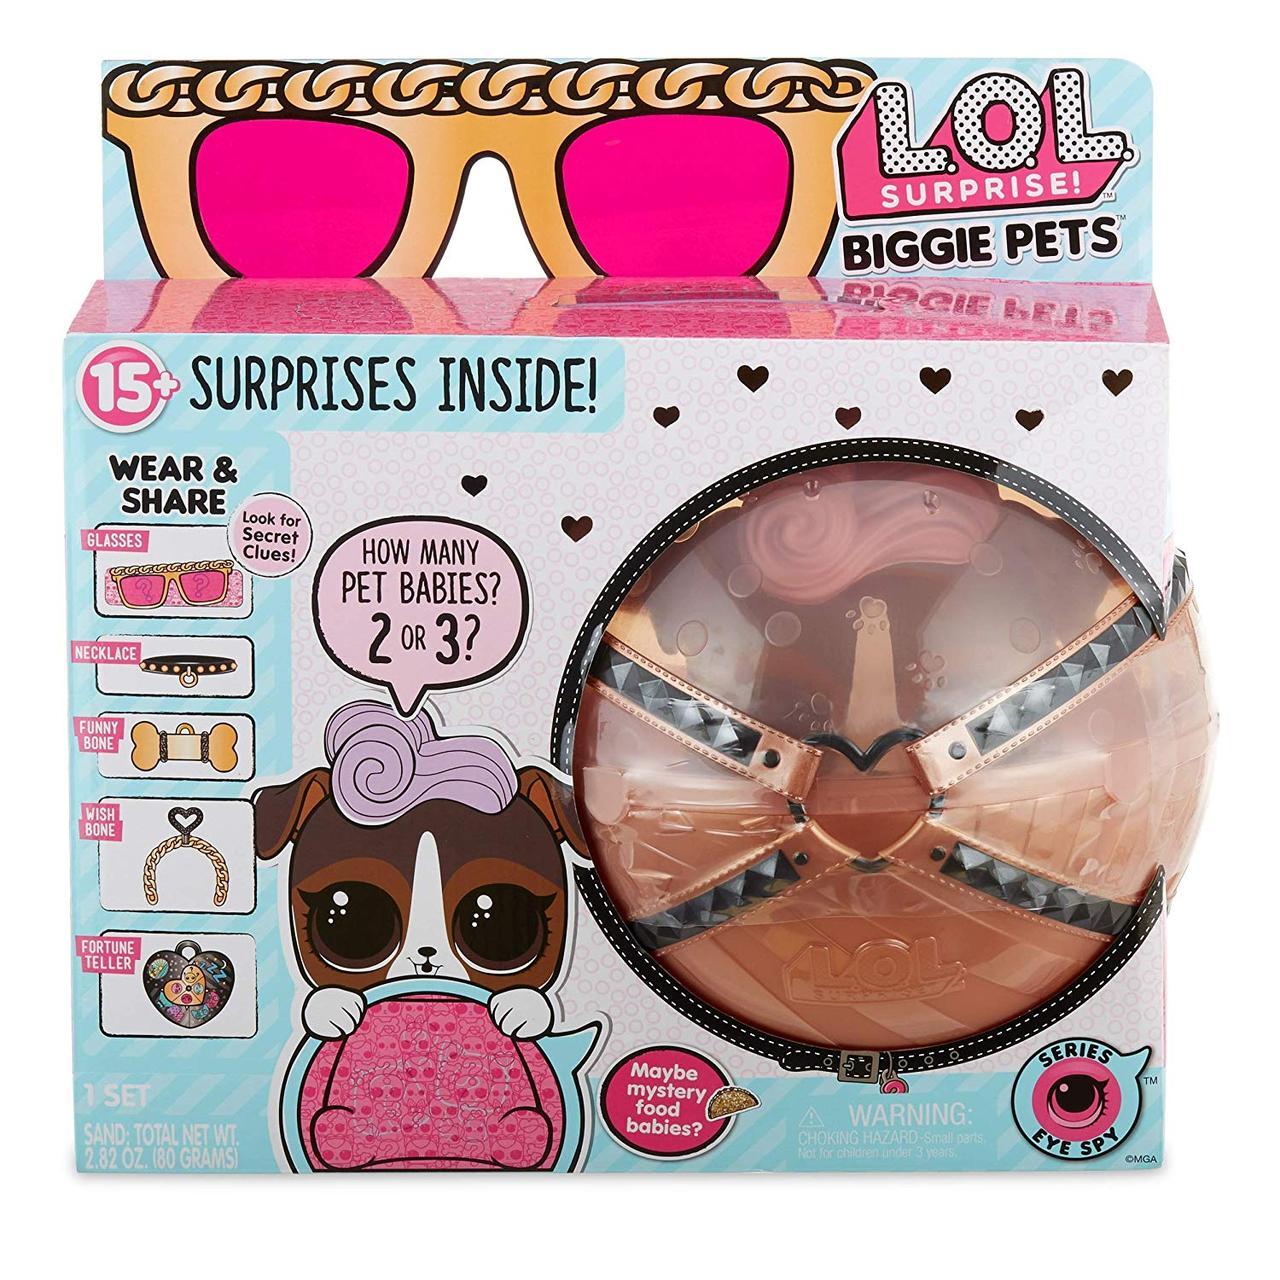 Большой питомец Лол LOL собачка Ди Джей К9 секретные месседжи оригинал L.O.L. Surprise! Biggie Pet- D.J. K9